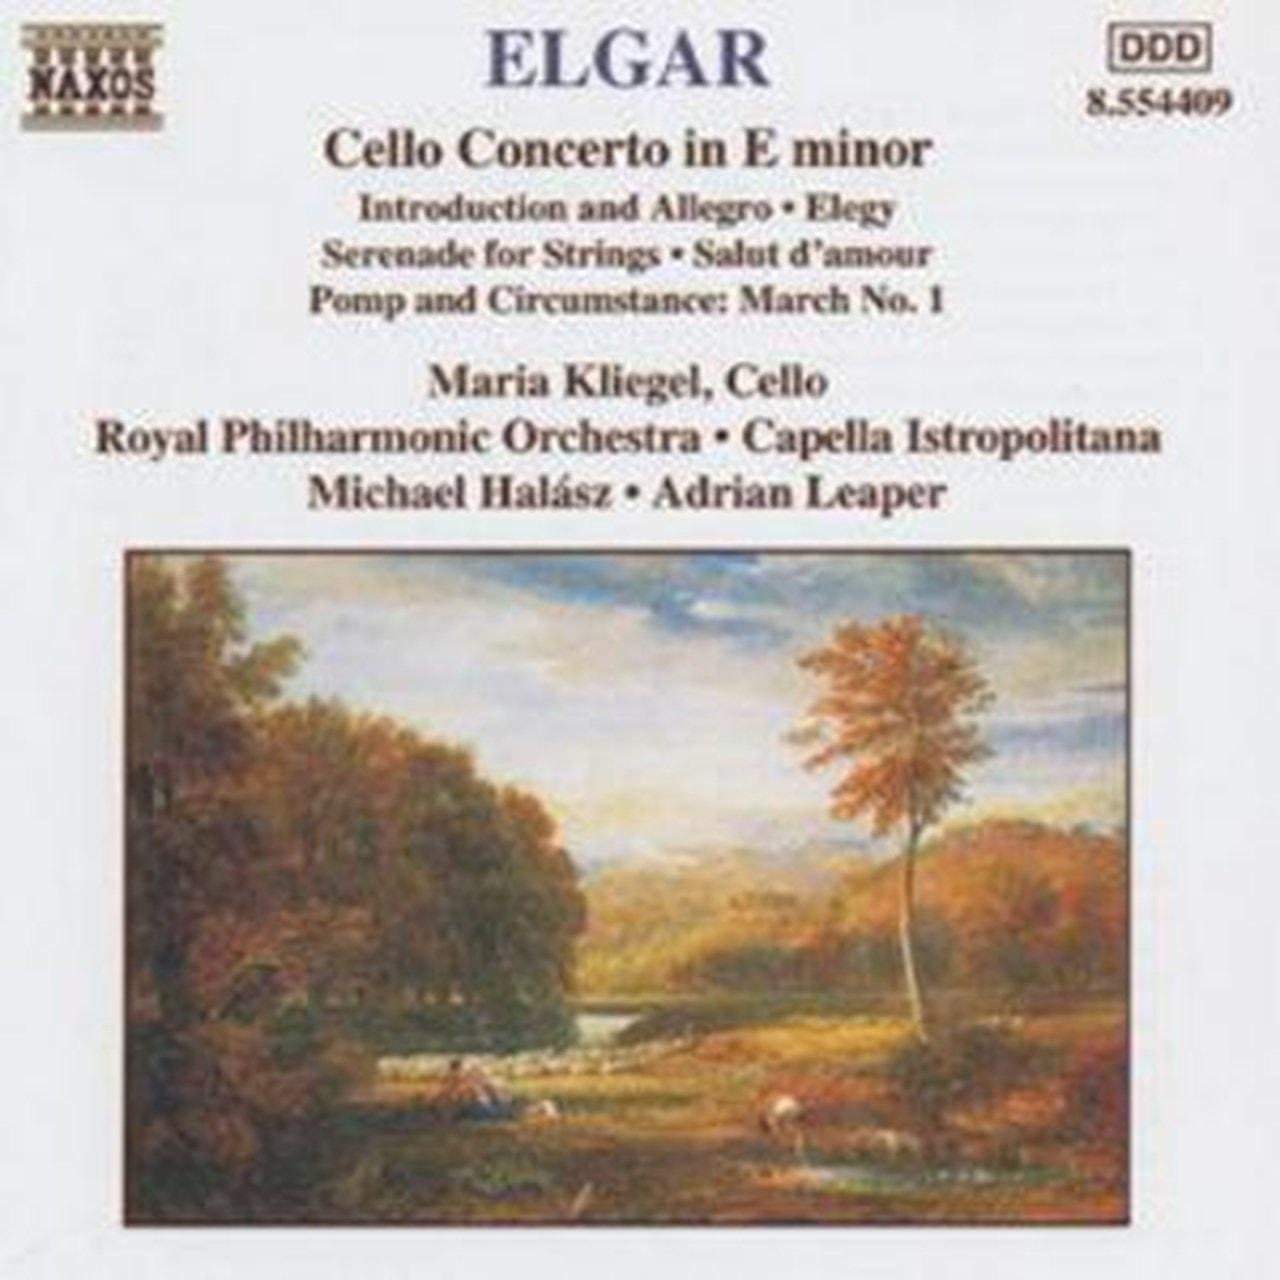 Elgar: Cello Concerto in E Minor - 1